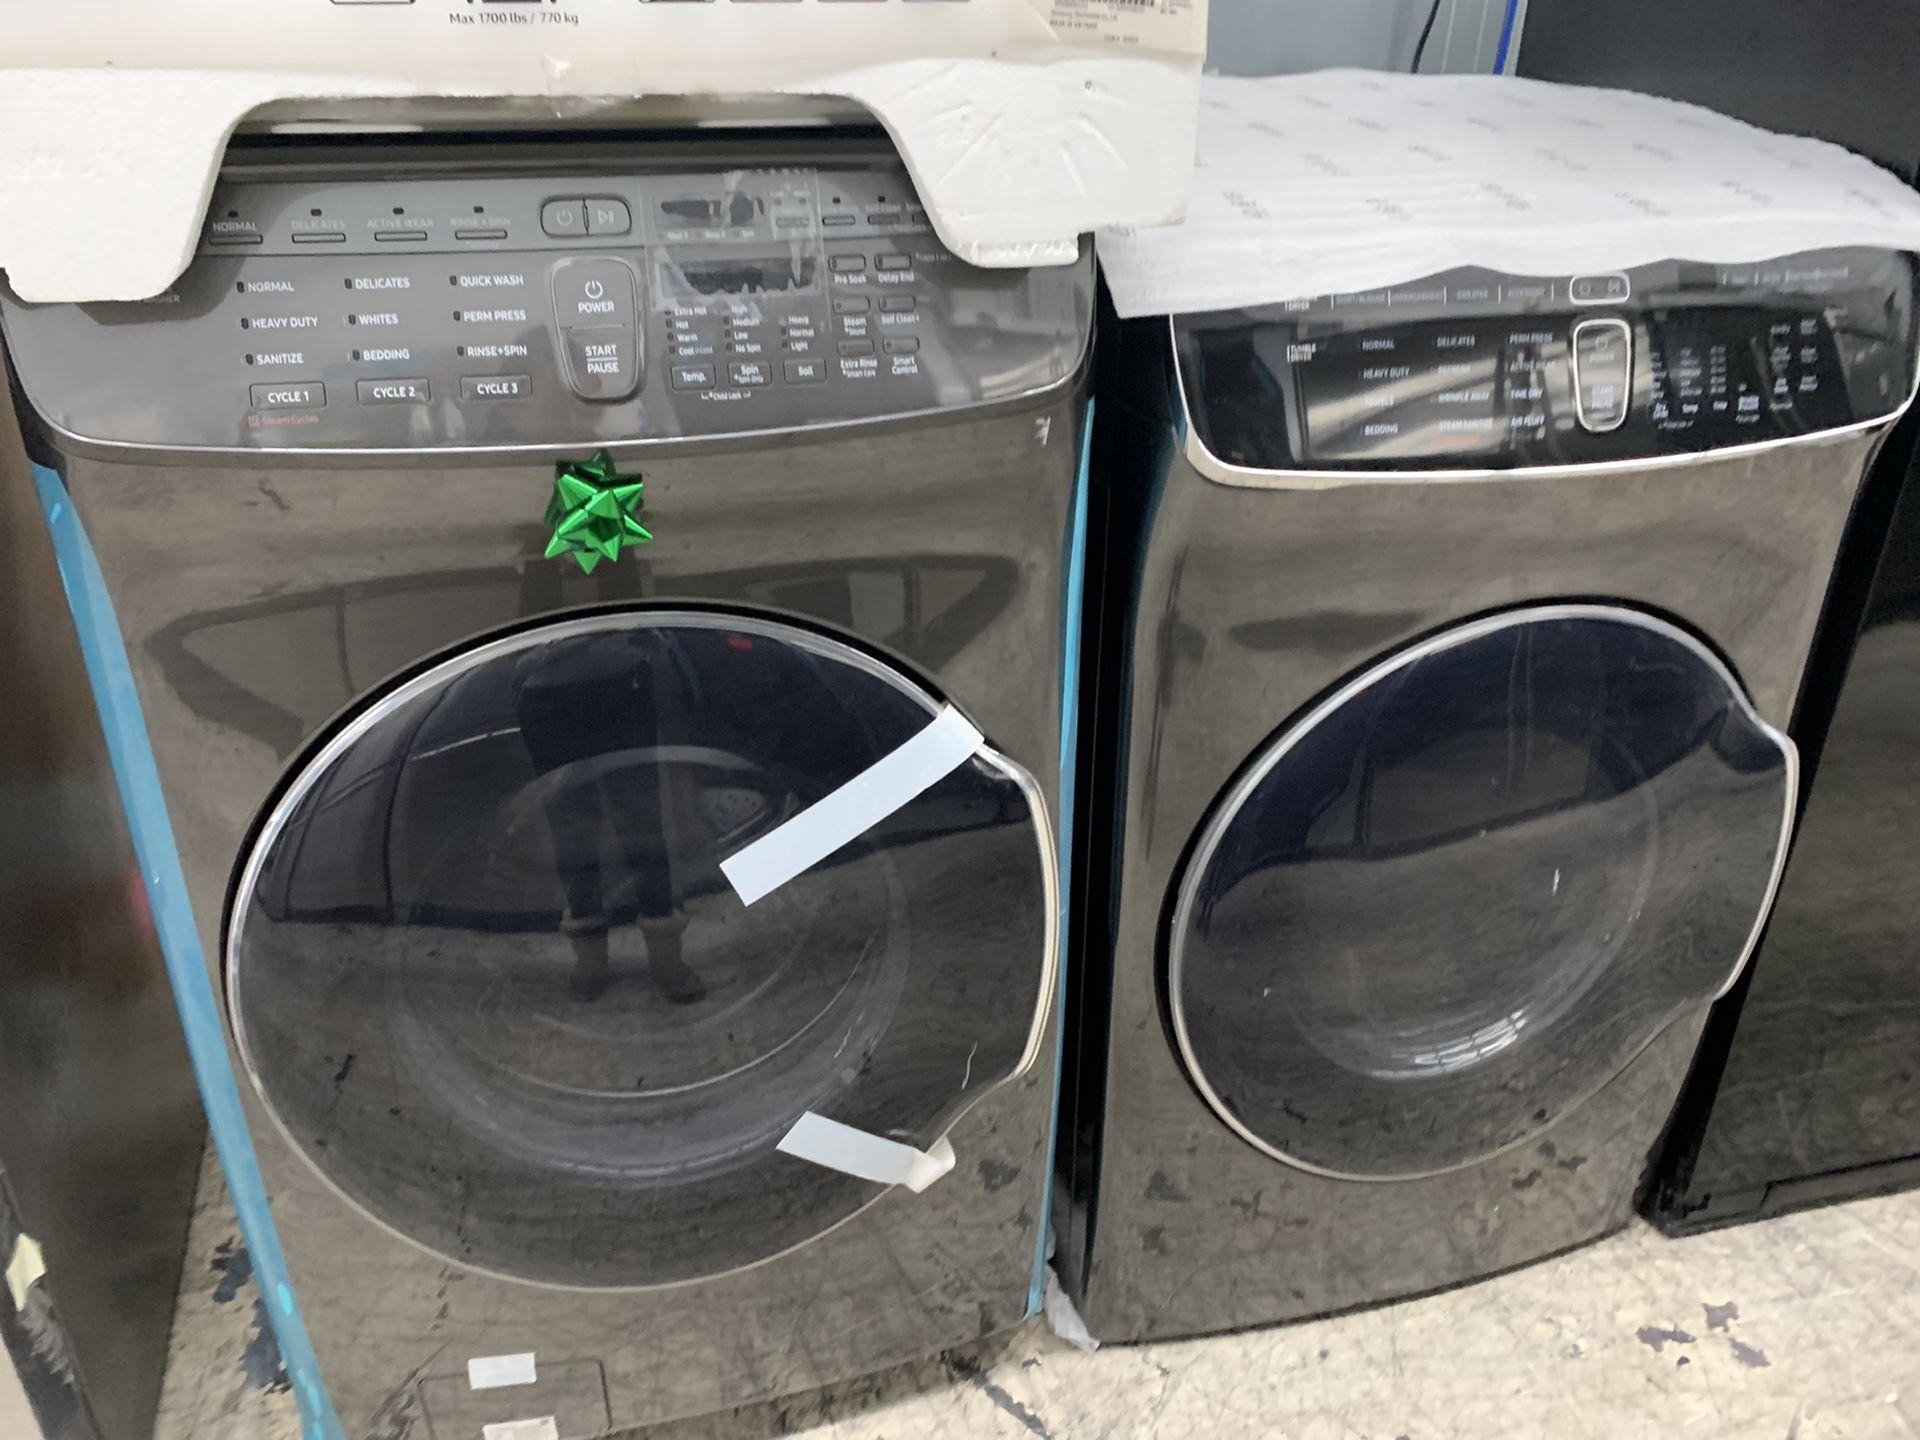 Samsung flex washer & dryer set